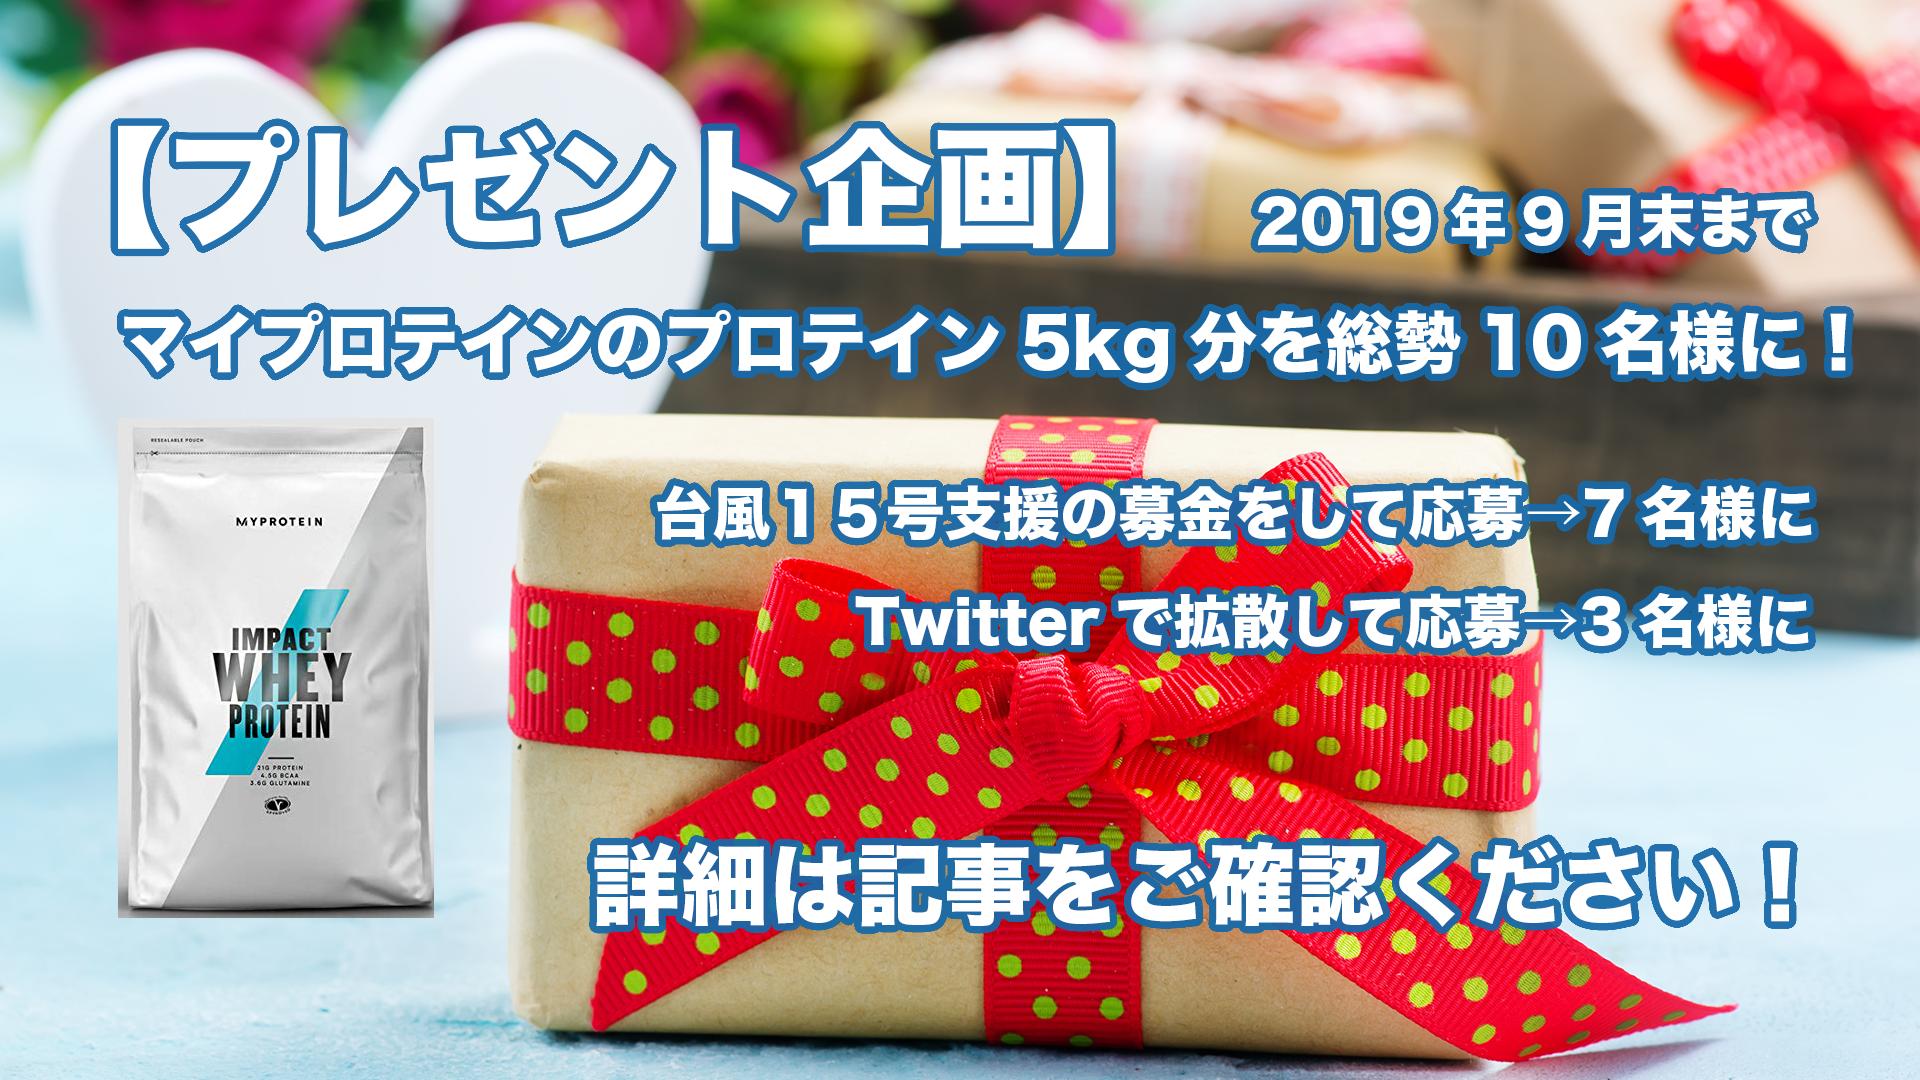 【参加者132名、56,475円の募金】令和元年台風15号の被災者支援でプロテイン5kg分を総勢10名様にプレゼントする企画をしました。